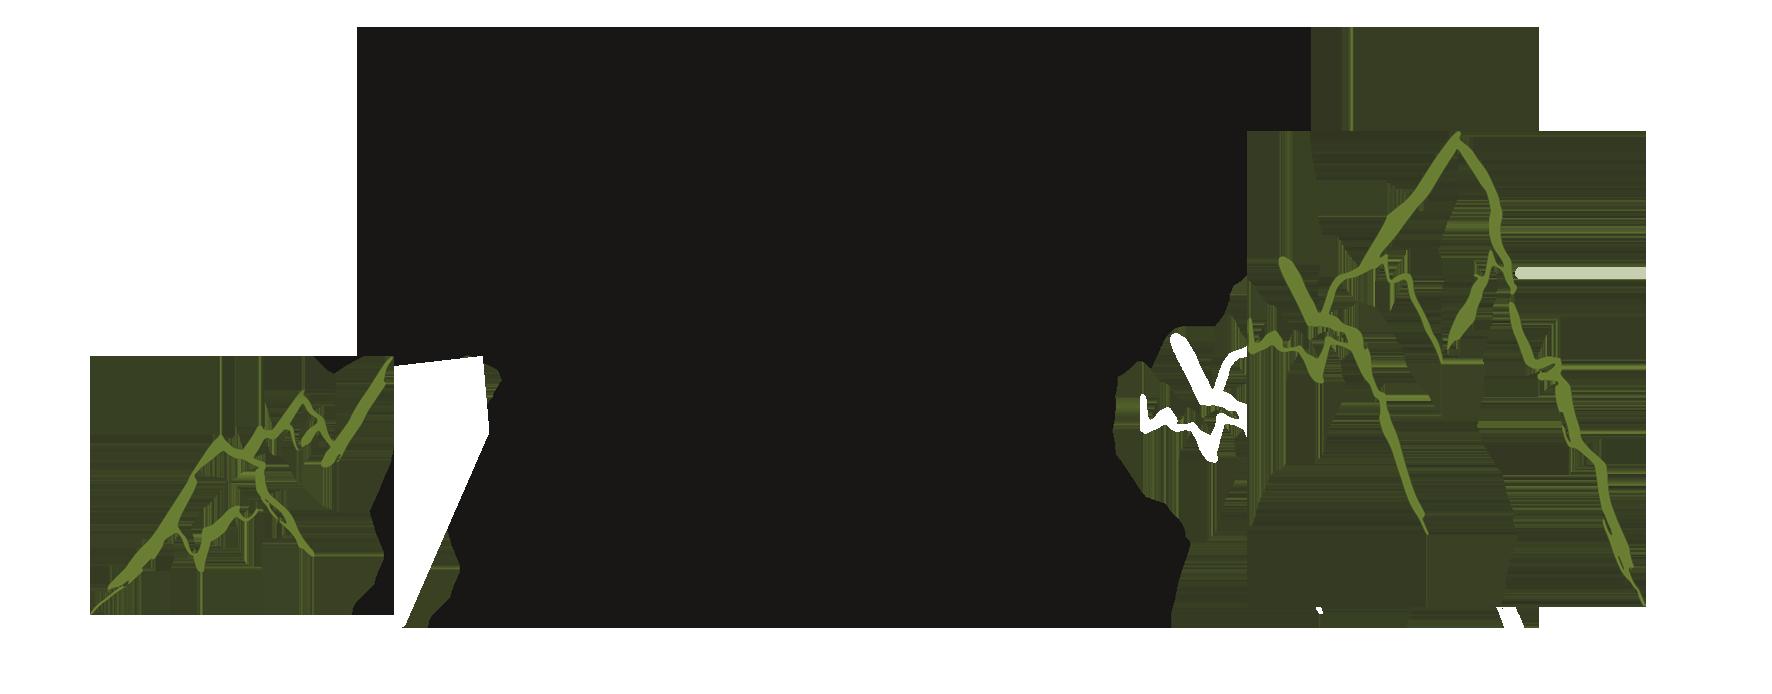 You don't get older when you boulder